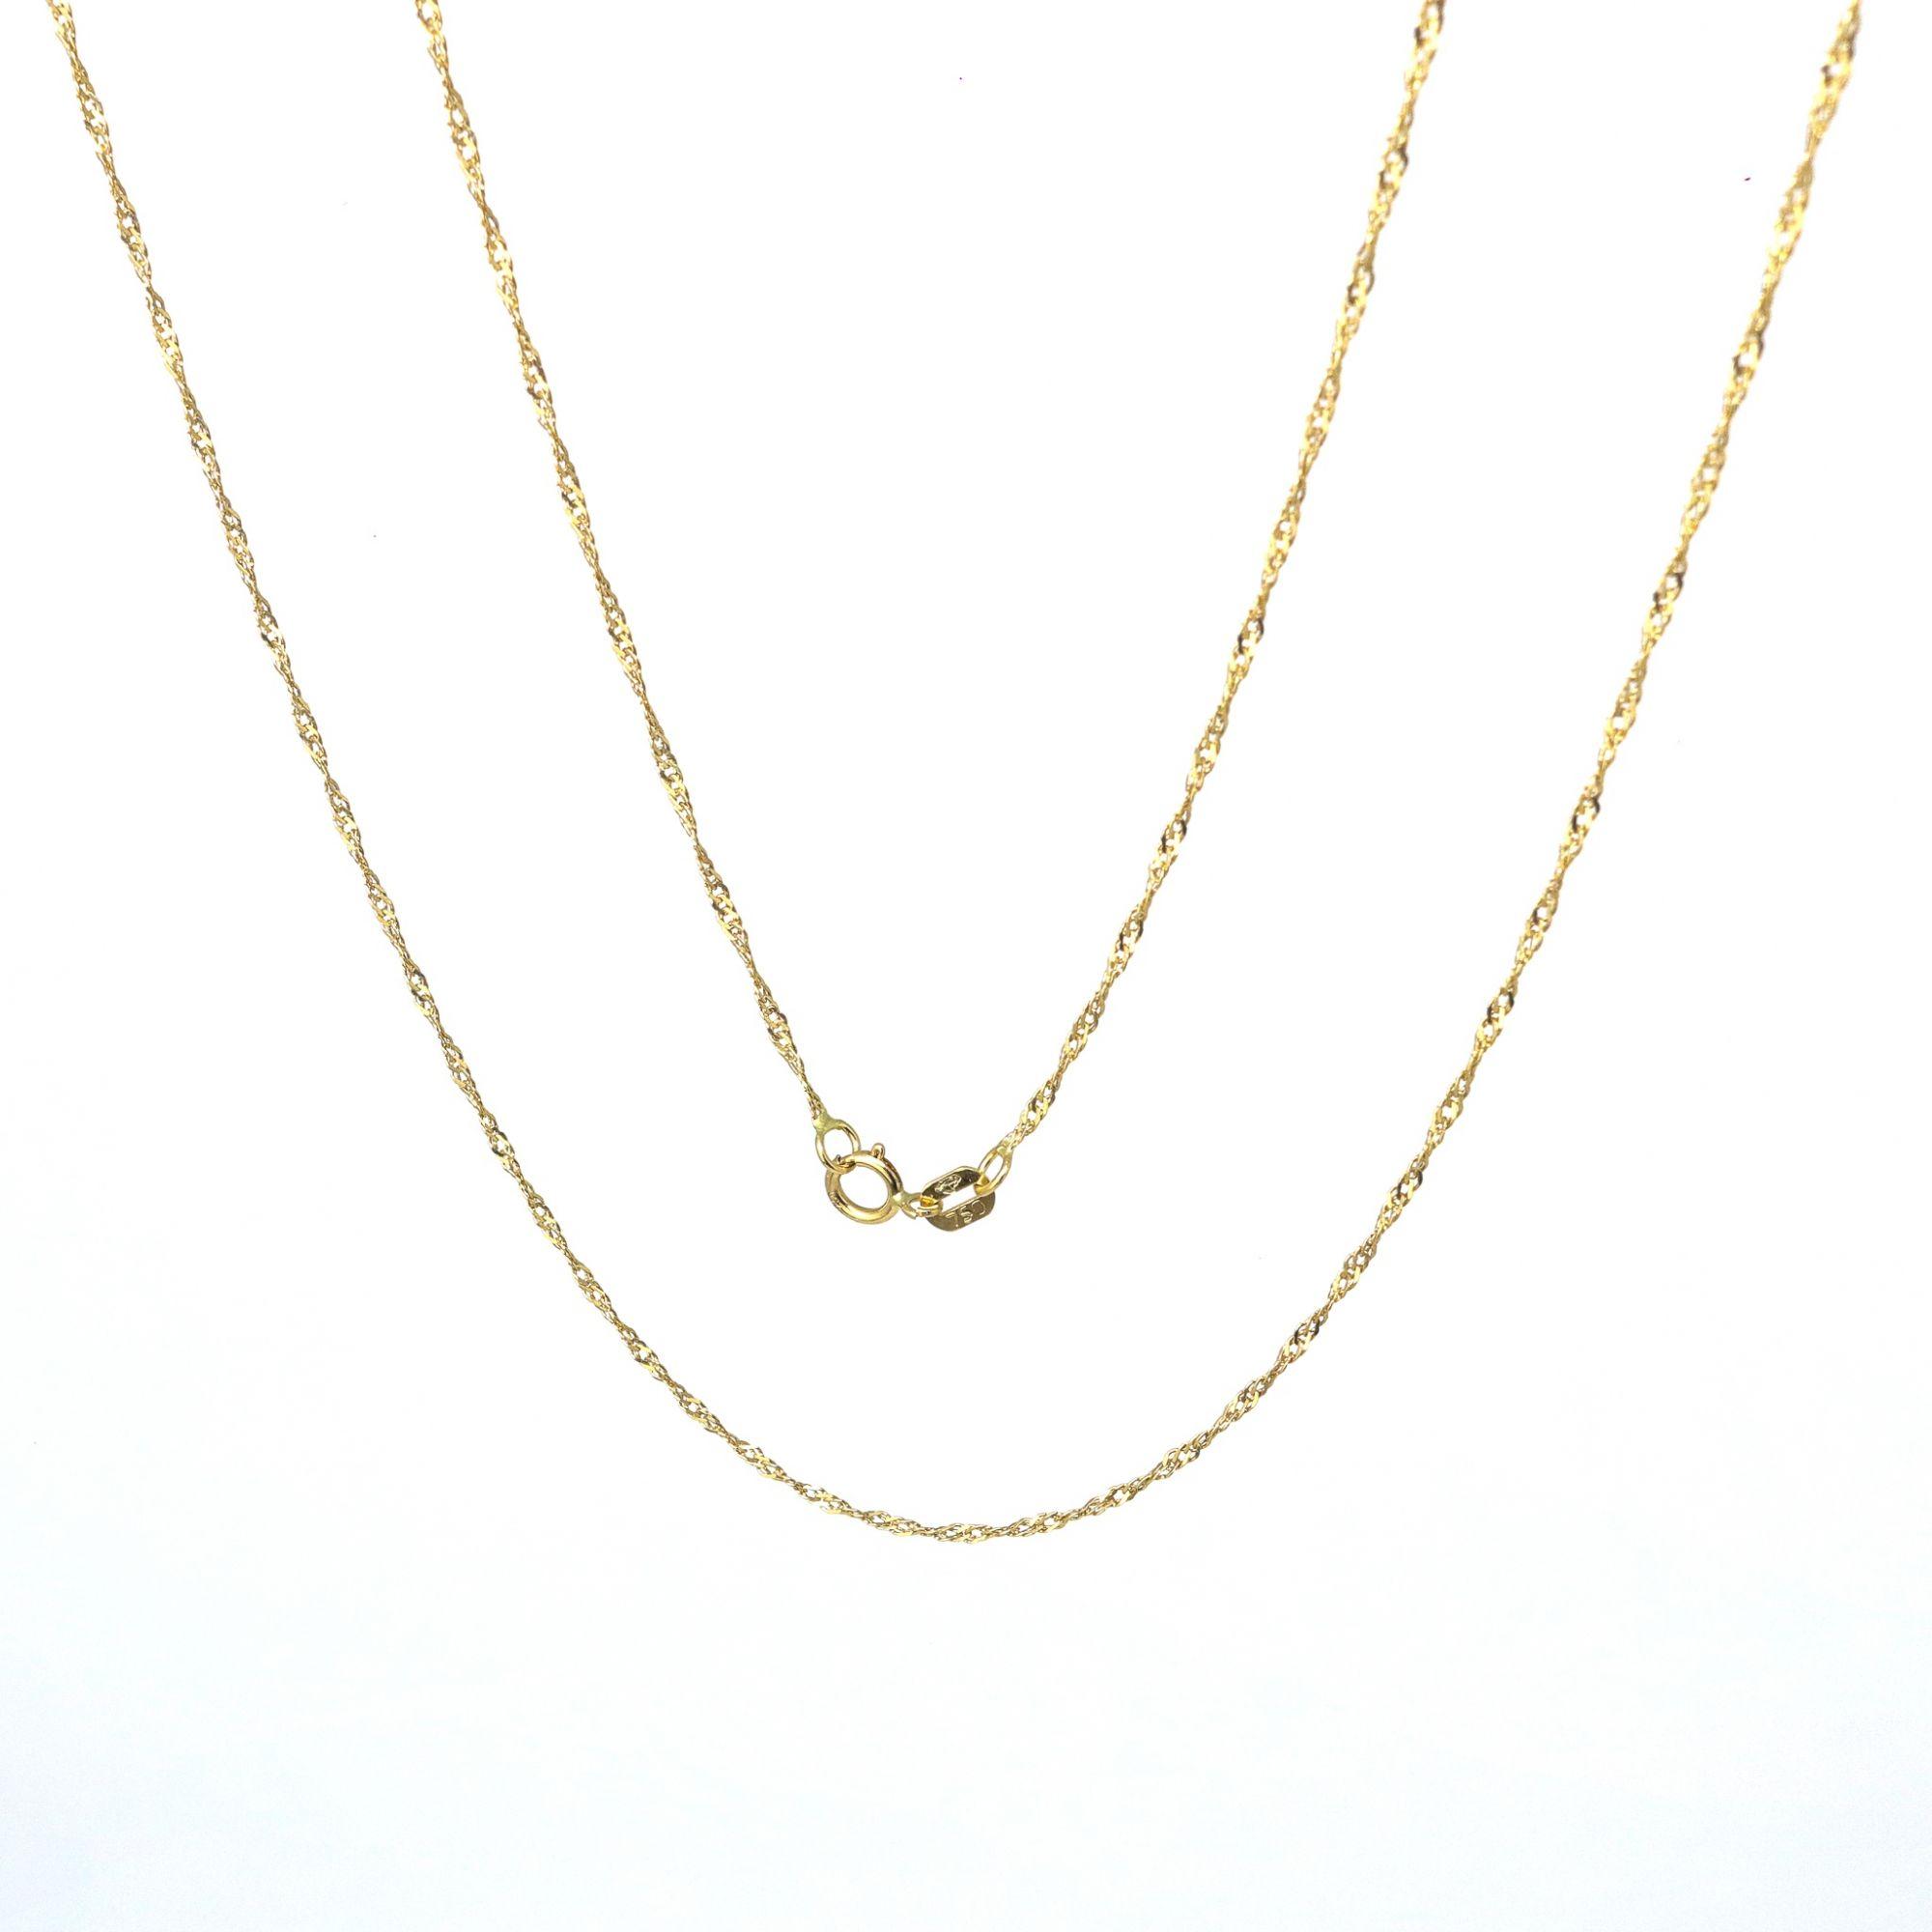 Corrente ouro 18k singapura 45 cm